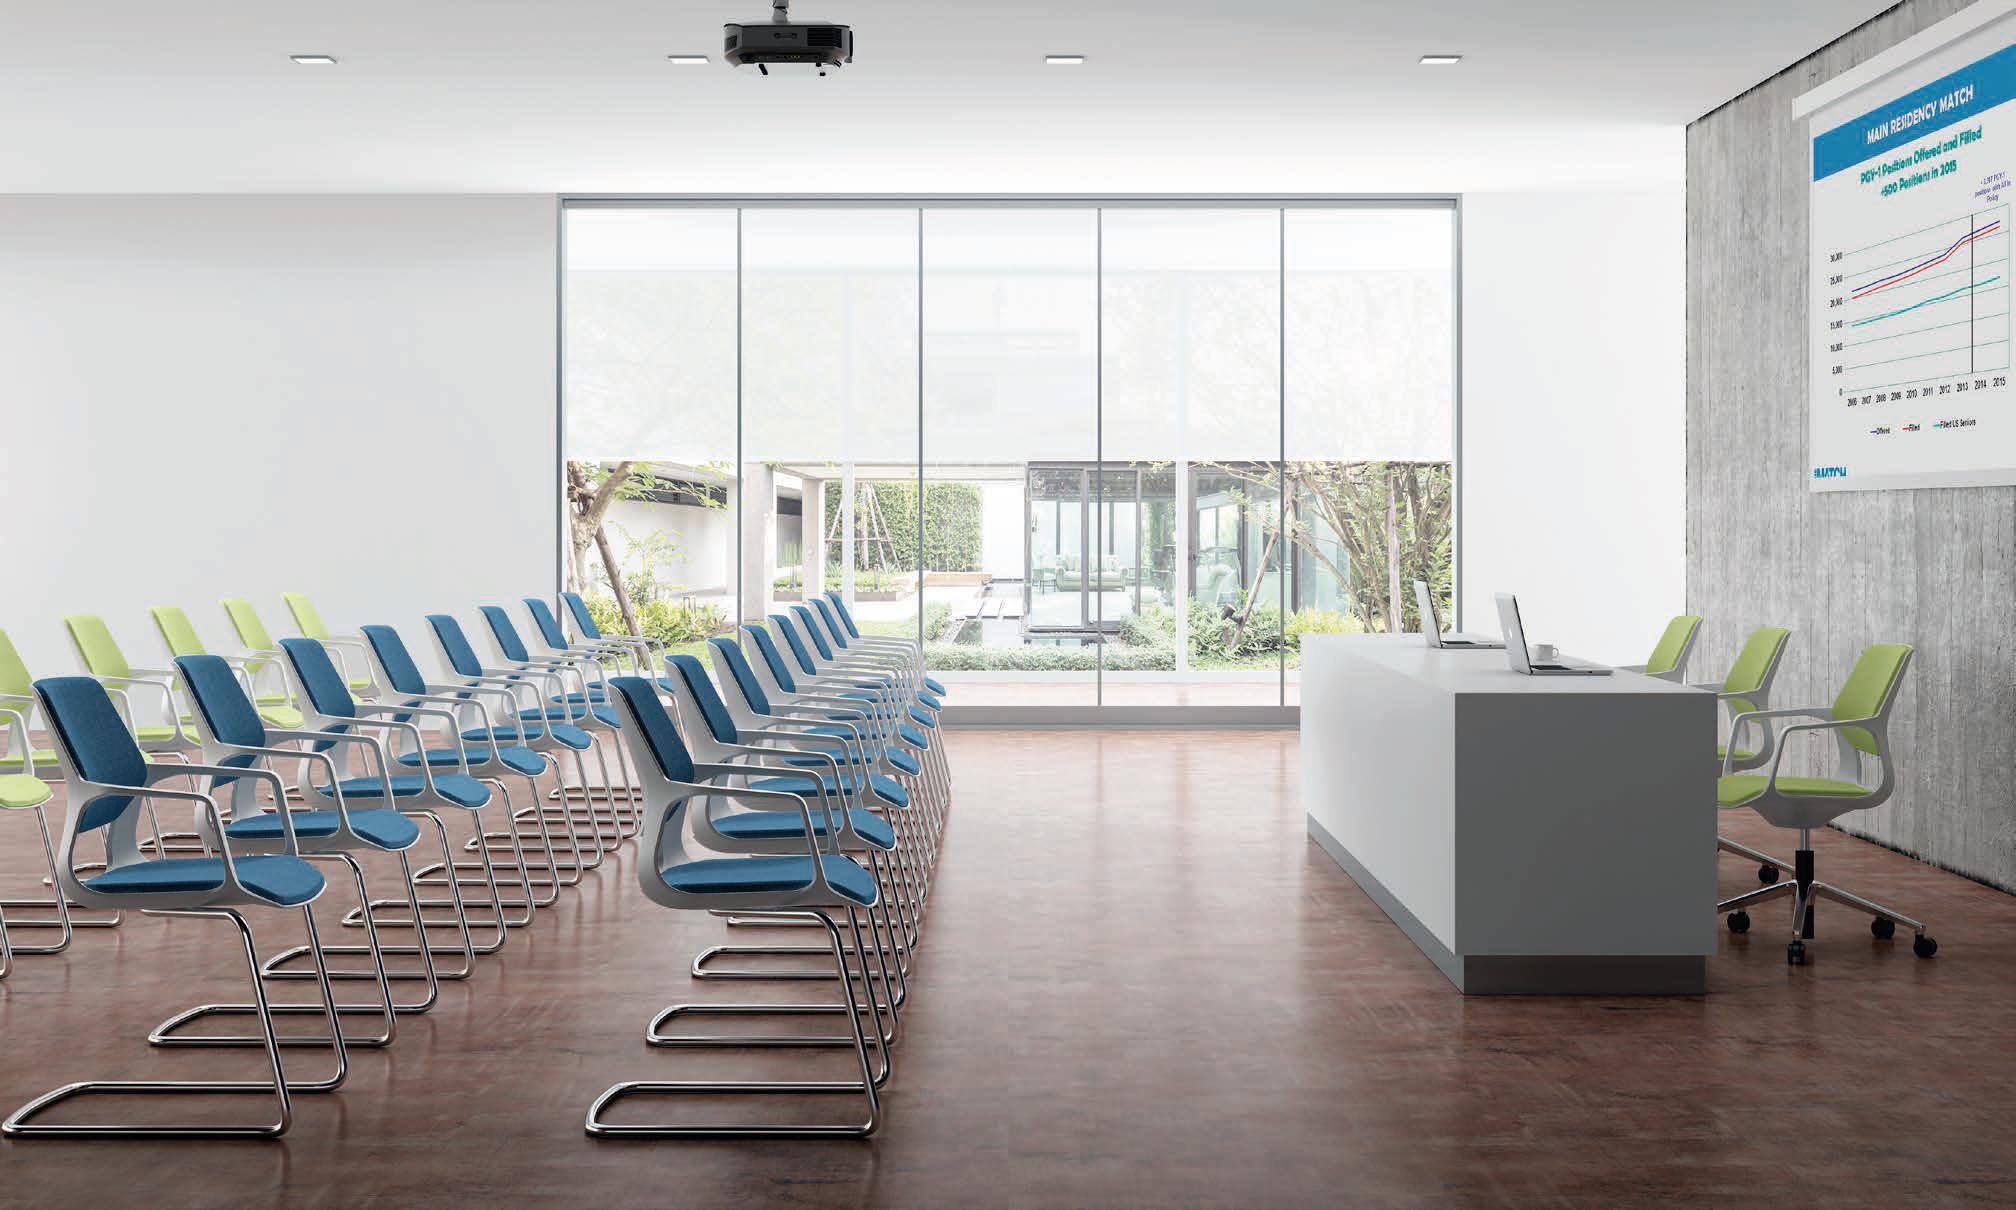 sillas salas de conferencia